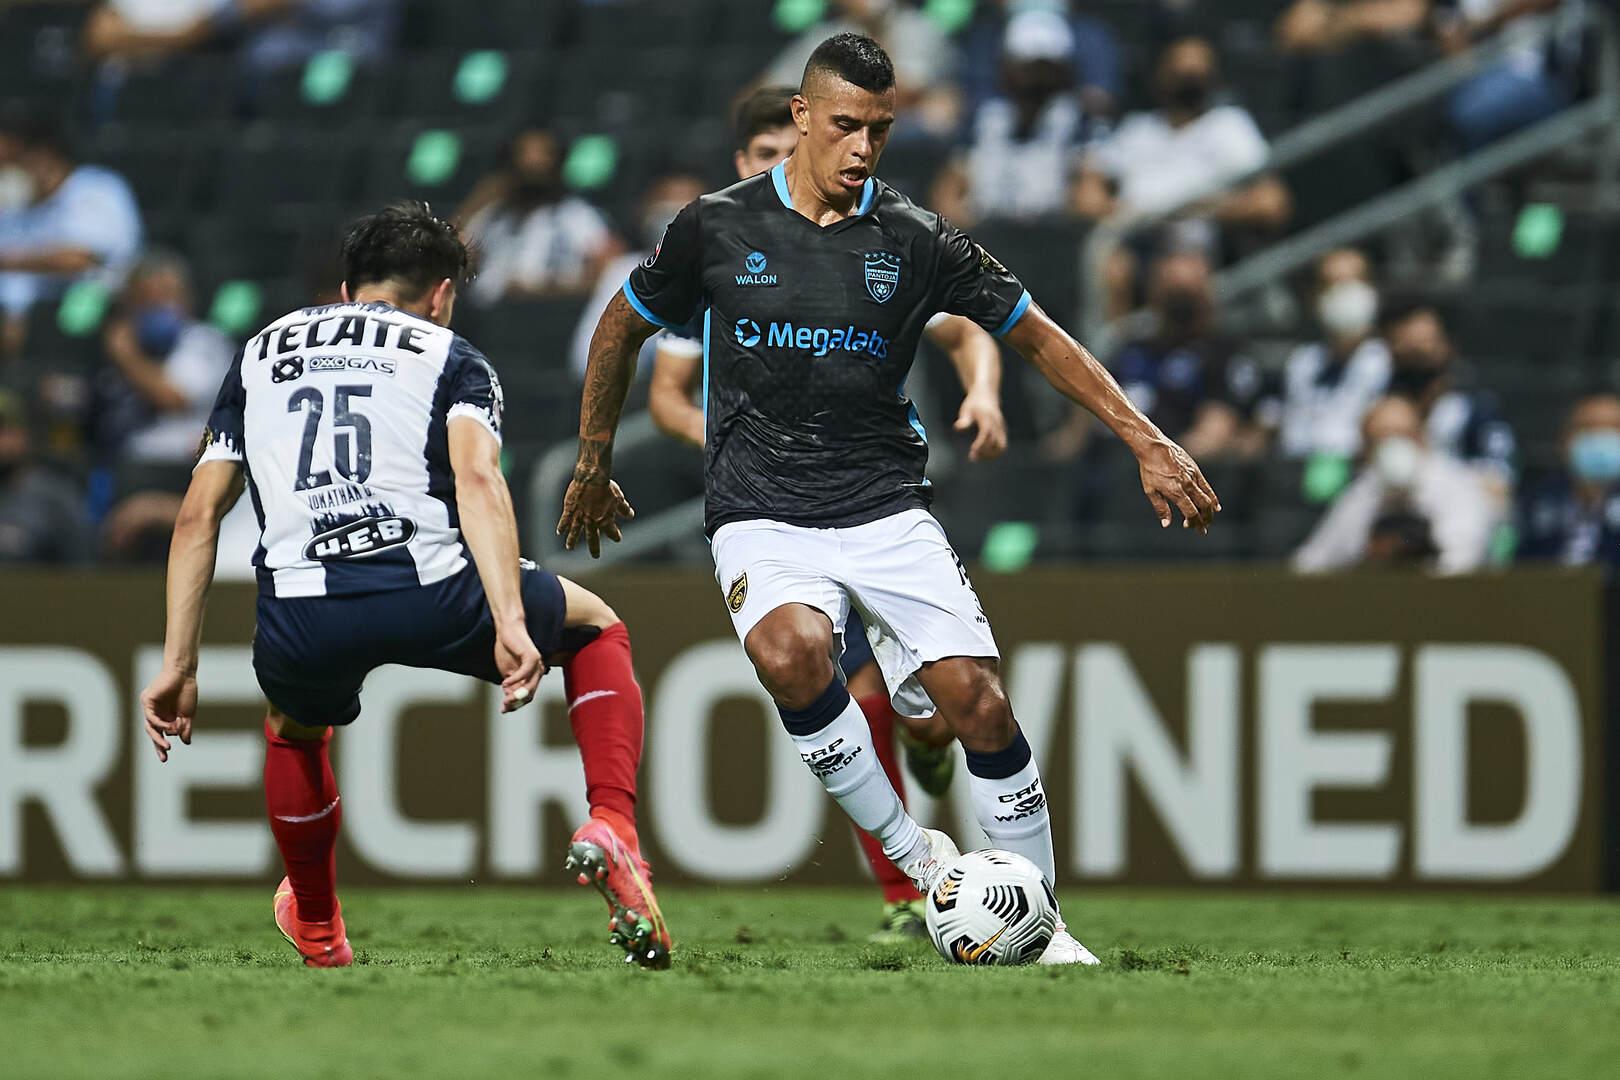 Atlético Pantoja no pudo superar a Monterrey en los 8vos de final de la ConcaChampions